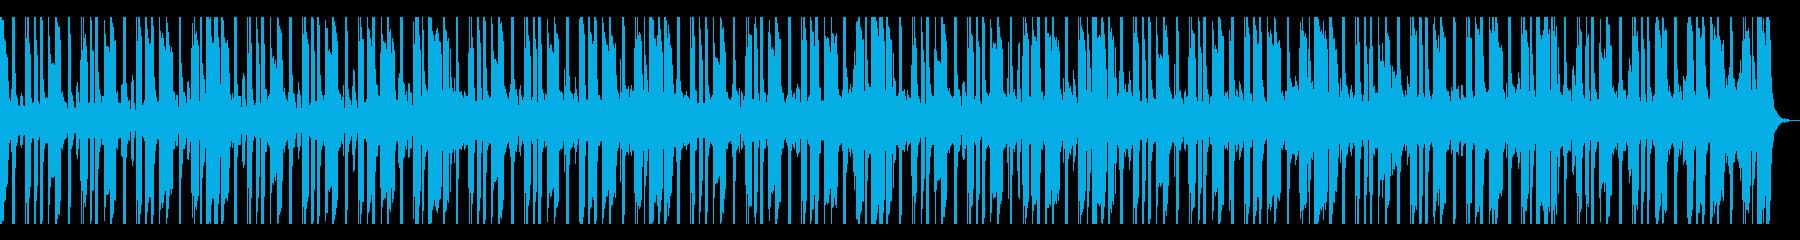 【短いVer12】スローファンクロックの再生済みの波形